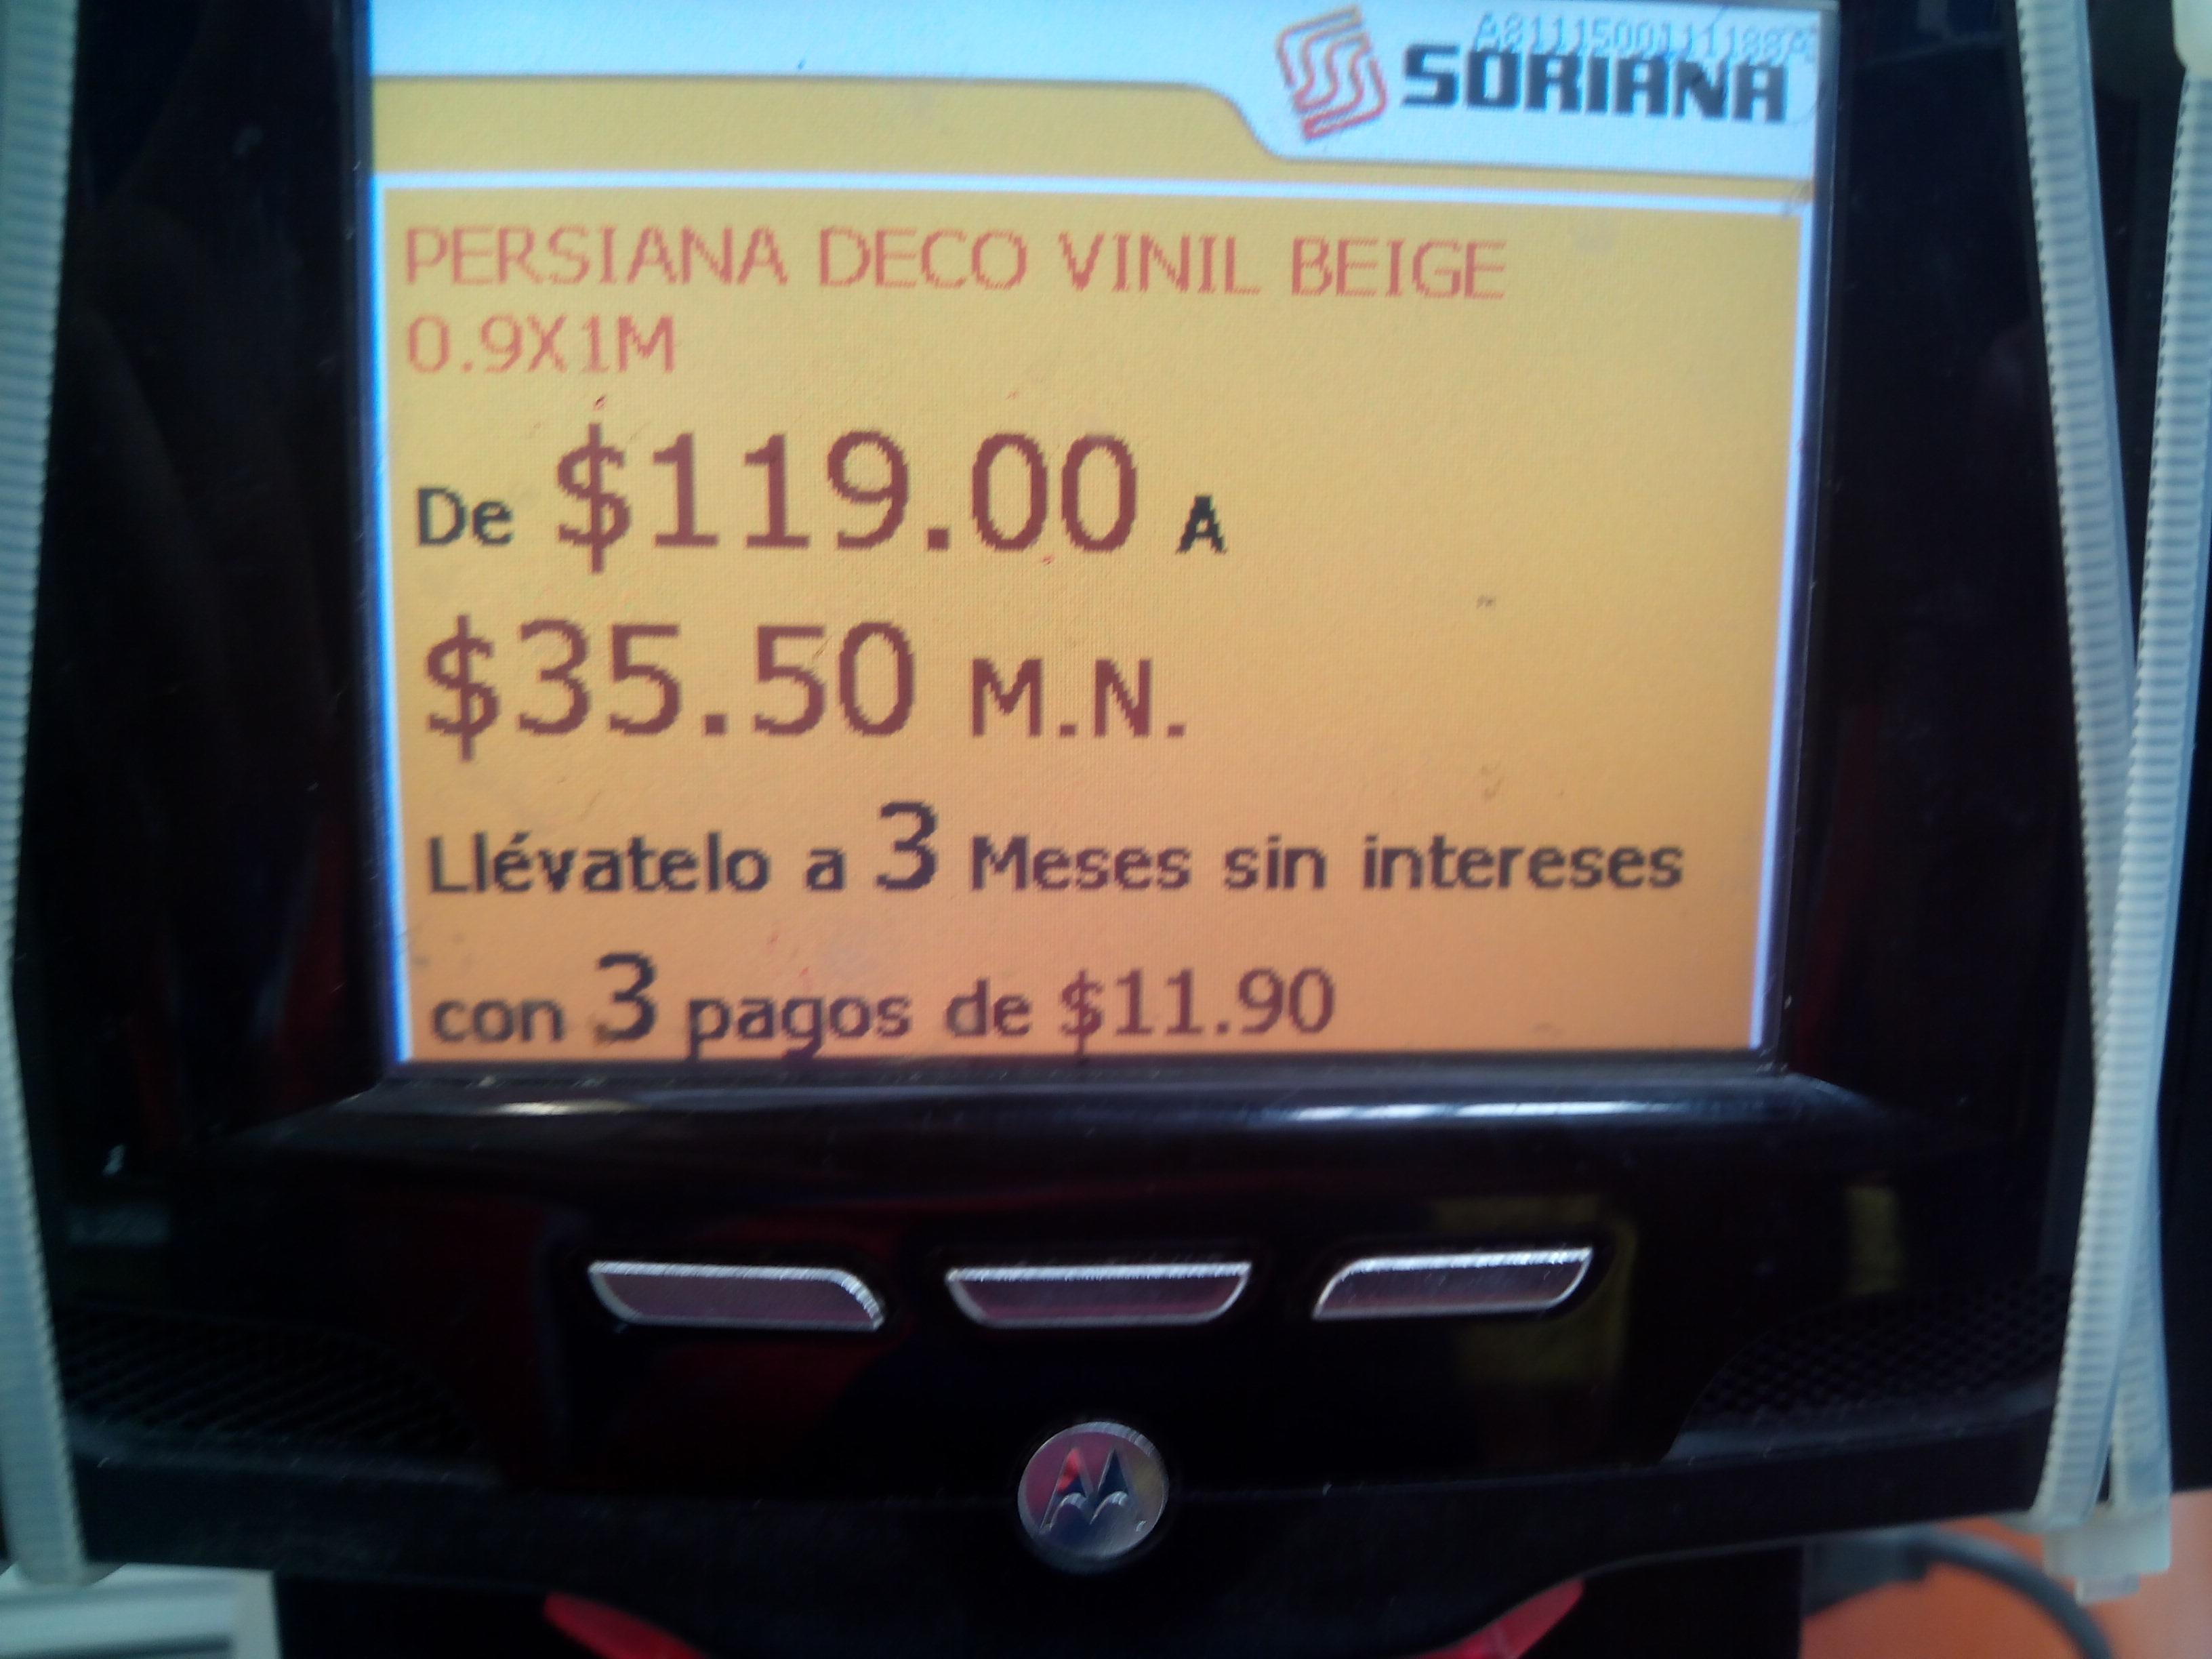 Soriana: Persiana PVC 1 x .9 mts a $35.50